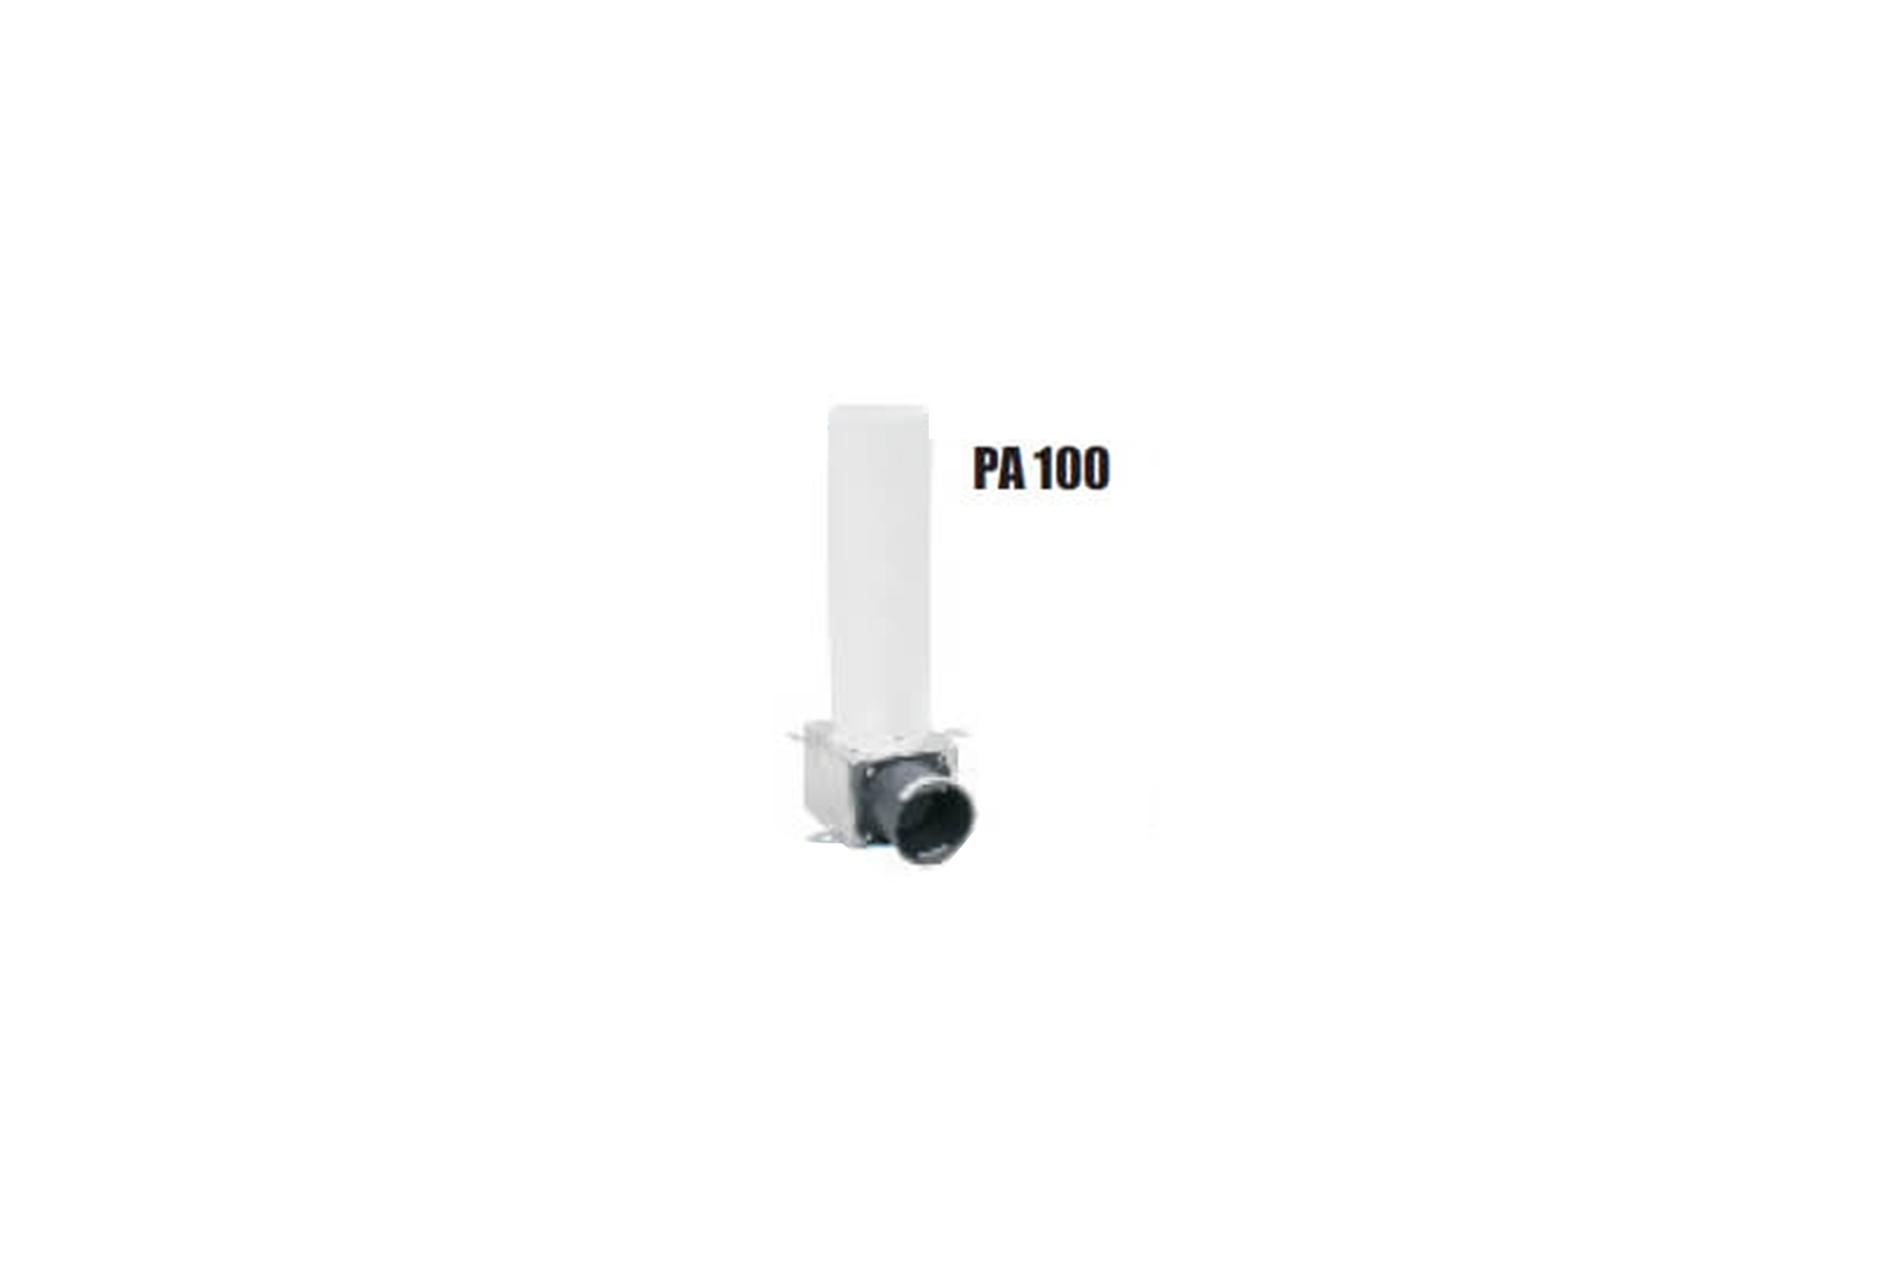 Difuzorių pajungimo dėžutė PA 100